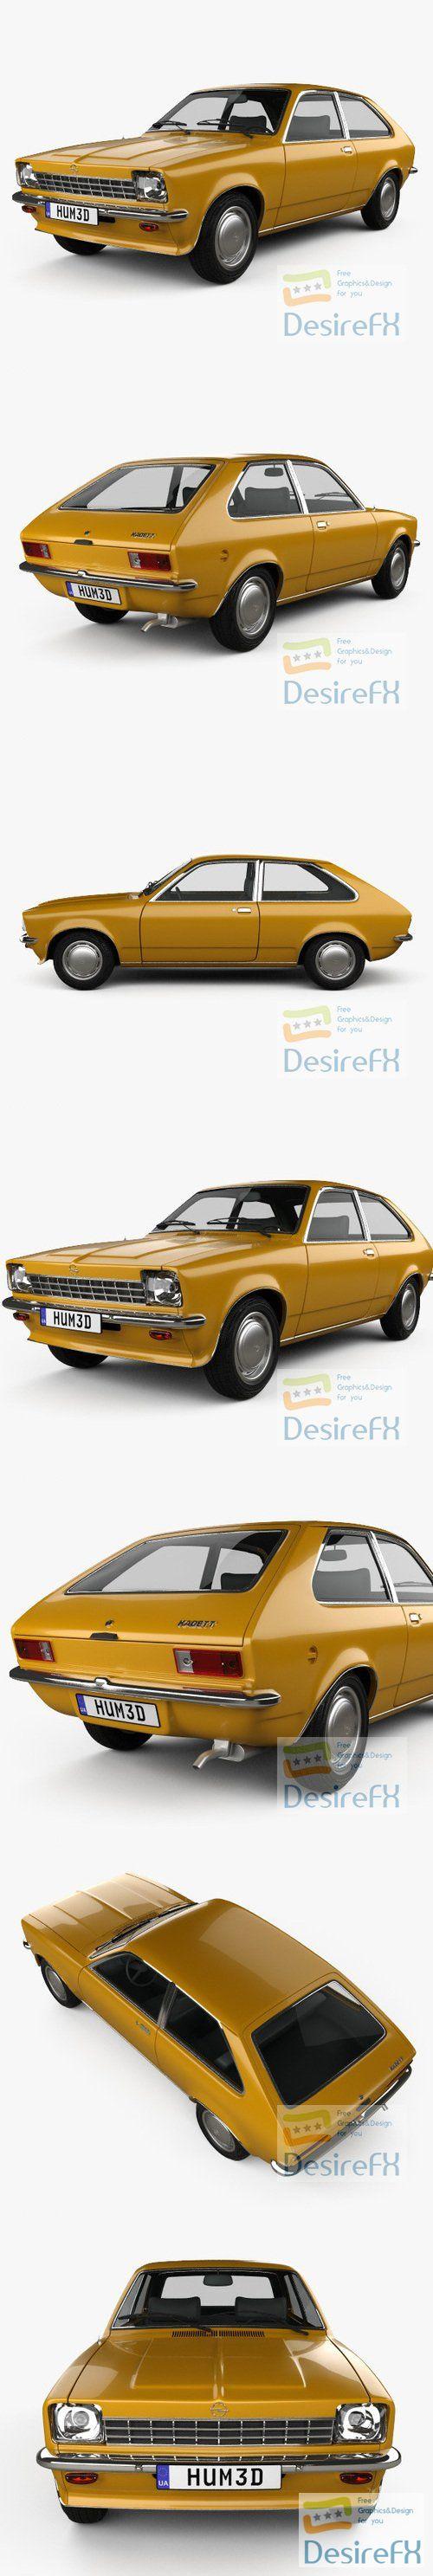 Opel Kadett City 1975 3D Model